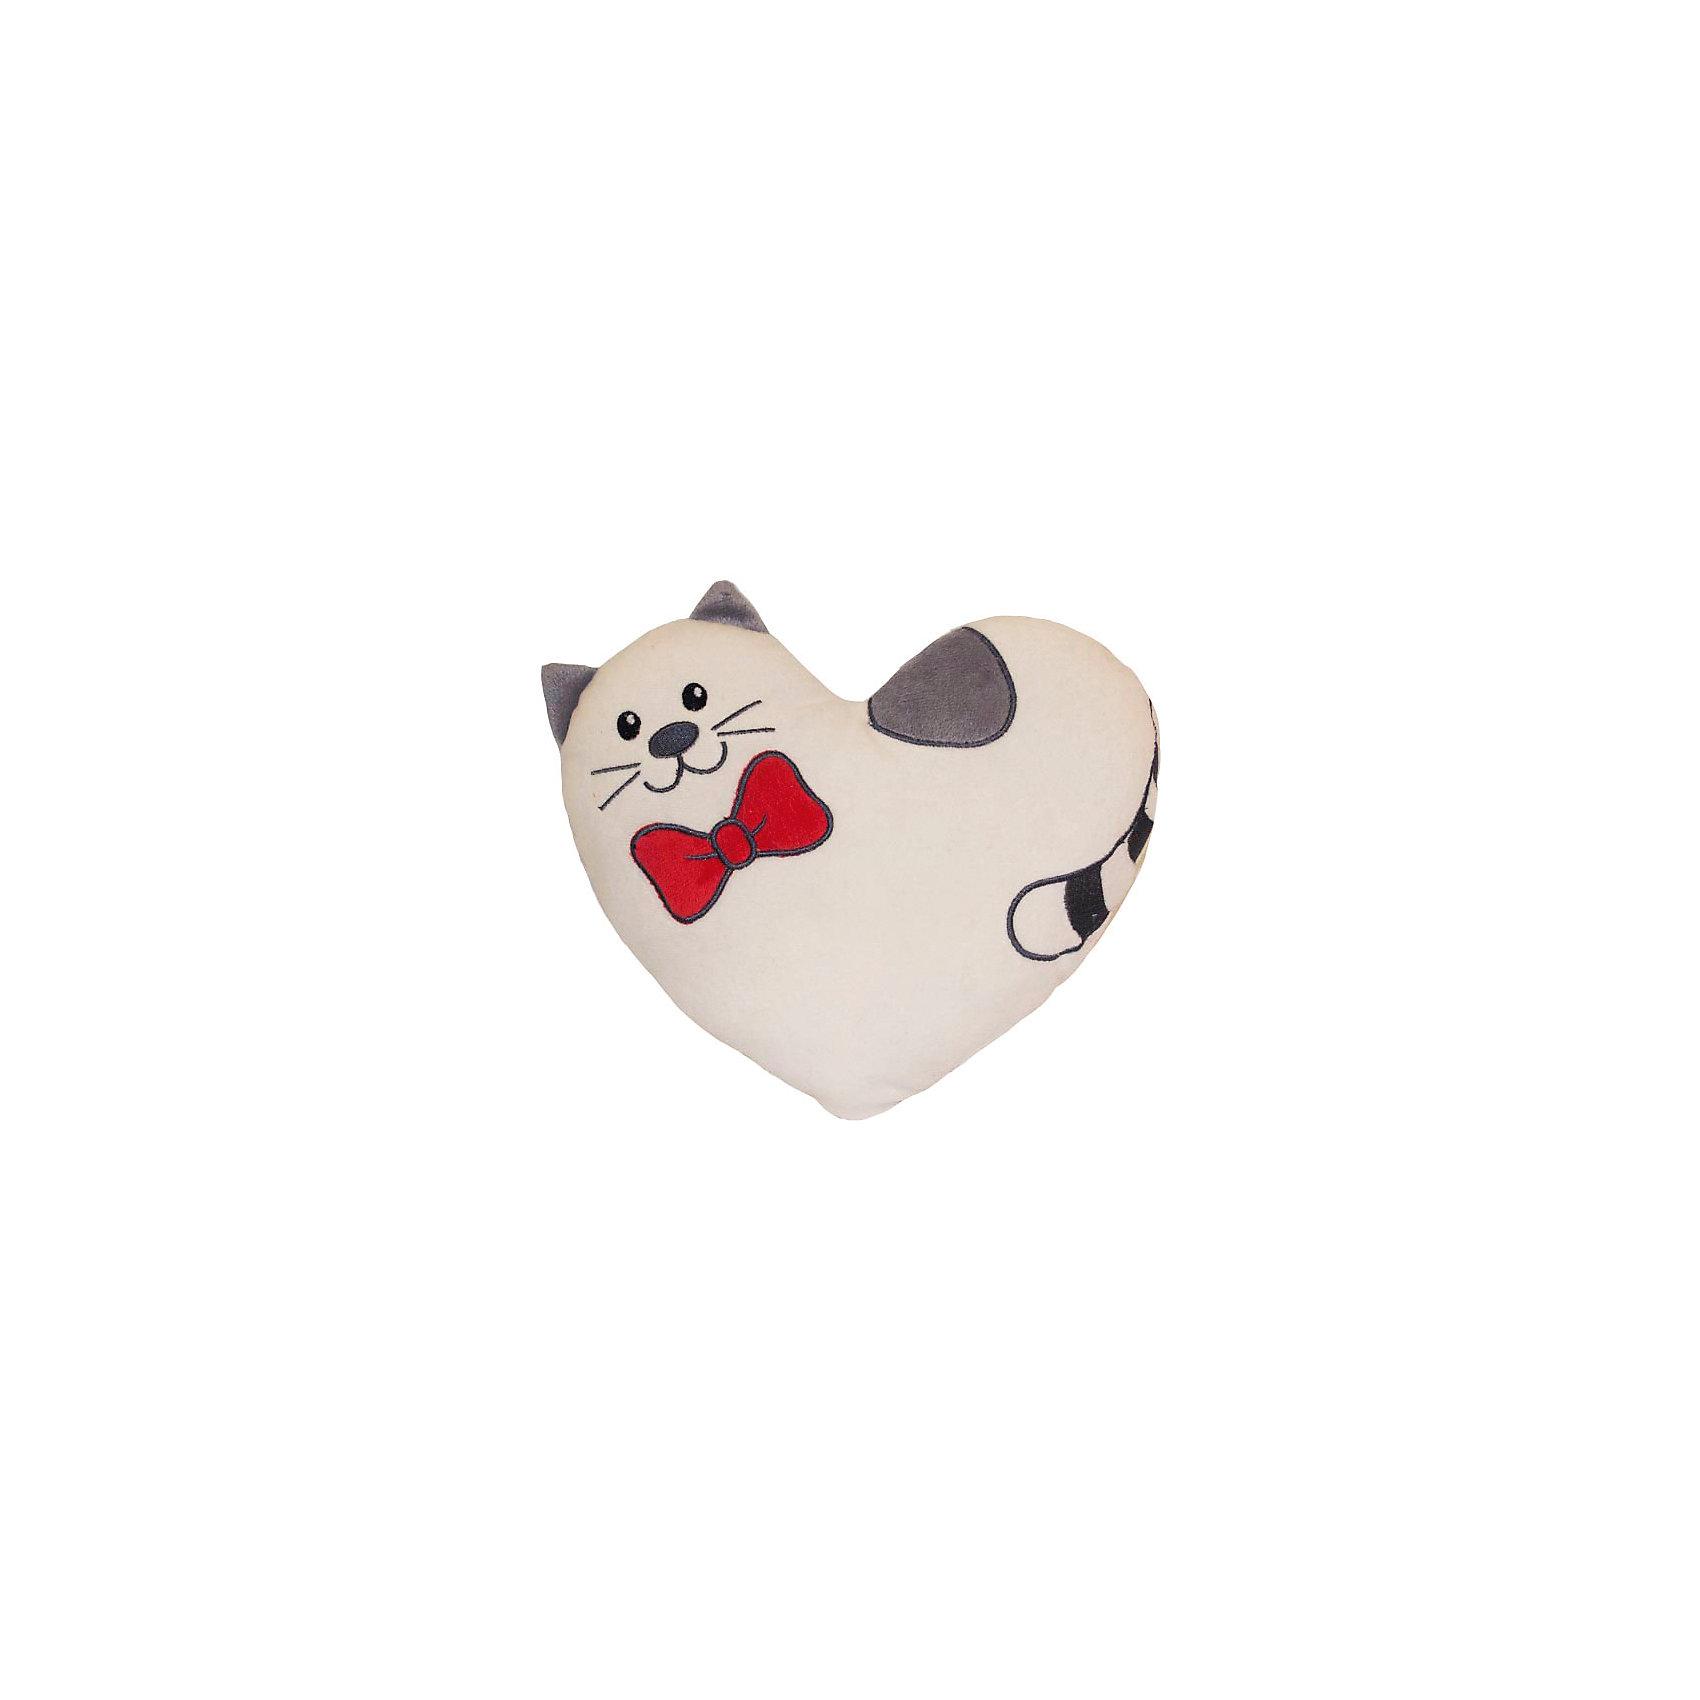 Подушка-валентинка Тимур 25 см, GulliverОчаровательная хвостатая валентинка приведет в восторг и детей, и взрослых, ведь она такая красивая, яркая и приятная на ощупь! Валентинка в виде милого кота Тимура станет отличной игрушкой или же займёт почетное место на диване или кресле в виде мягкой и удобной подушечки.<br><br>Дополнительная информация:<br><br>- Материал: искусственный мех, плюш, синтепон.<br>- Размер: 25 см. <br><br>Подушку-валентинку, Тимур 25 см, Gulliver можно купить в нашем магазине.<br><br>Ширина мм: 70<br>Глубина мм: 280<br>Высота мм: 250<br>Вес г: 136<br>Возраст от месяцев: 36<br>Возраст до месяцев: 84<br>Пол: Унисекс<br>Возраст: Детский<br>SKU: 4533894